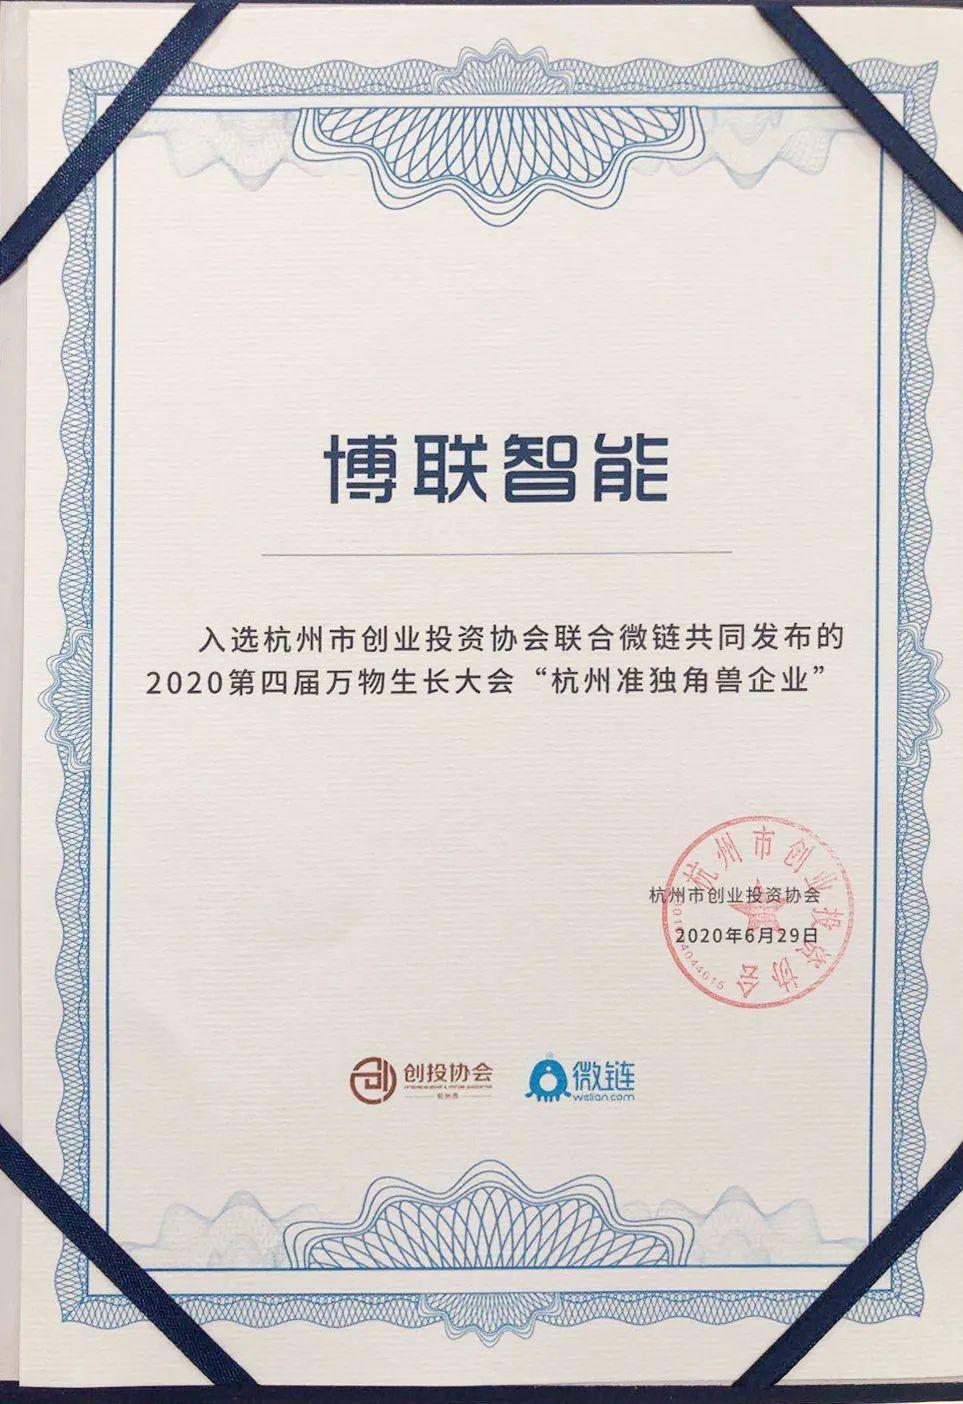 博联智能入选2020杭州准独角兽榜单,深耕技术领跑智能家居行业